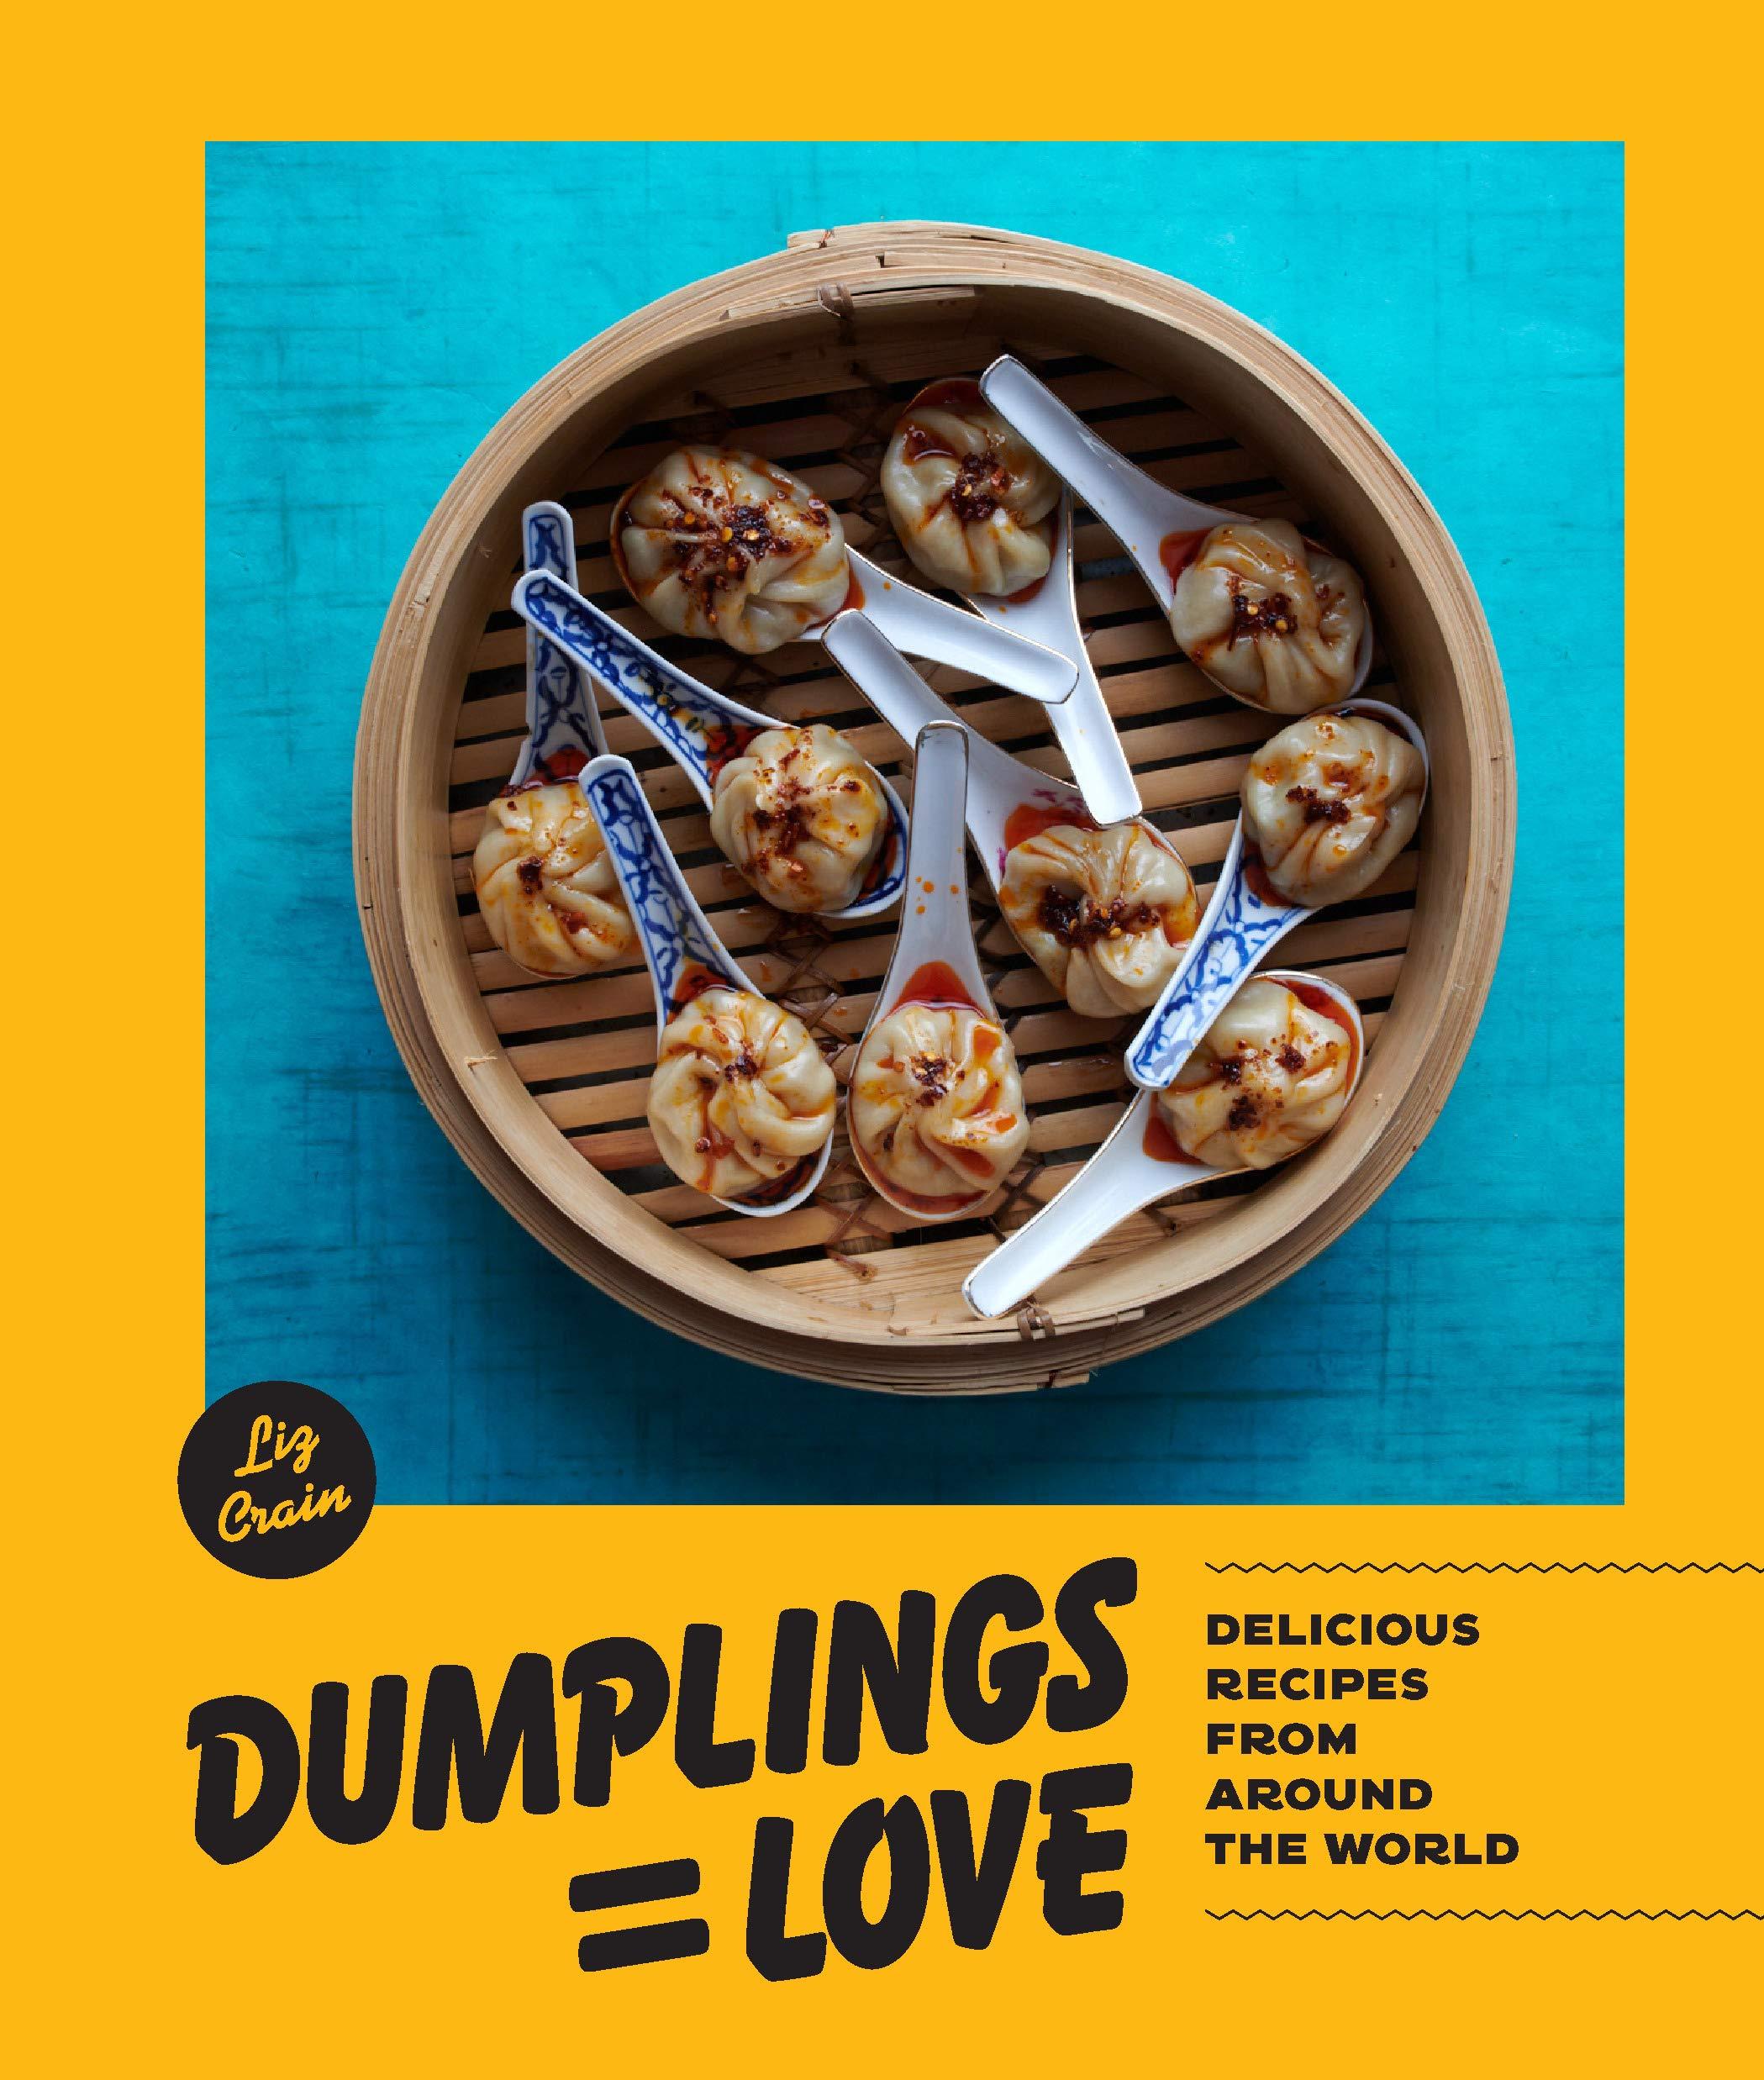 Dumplings Equal Love - Liz Crain